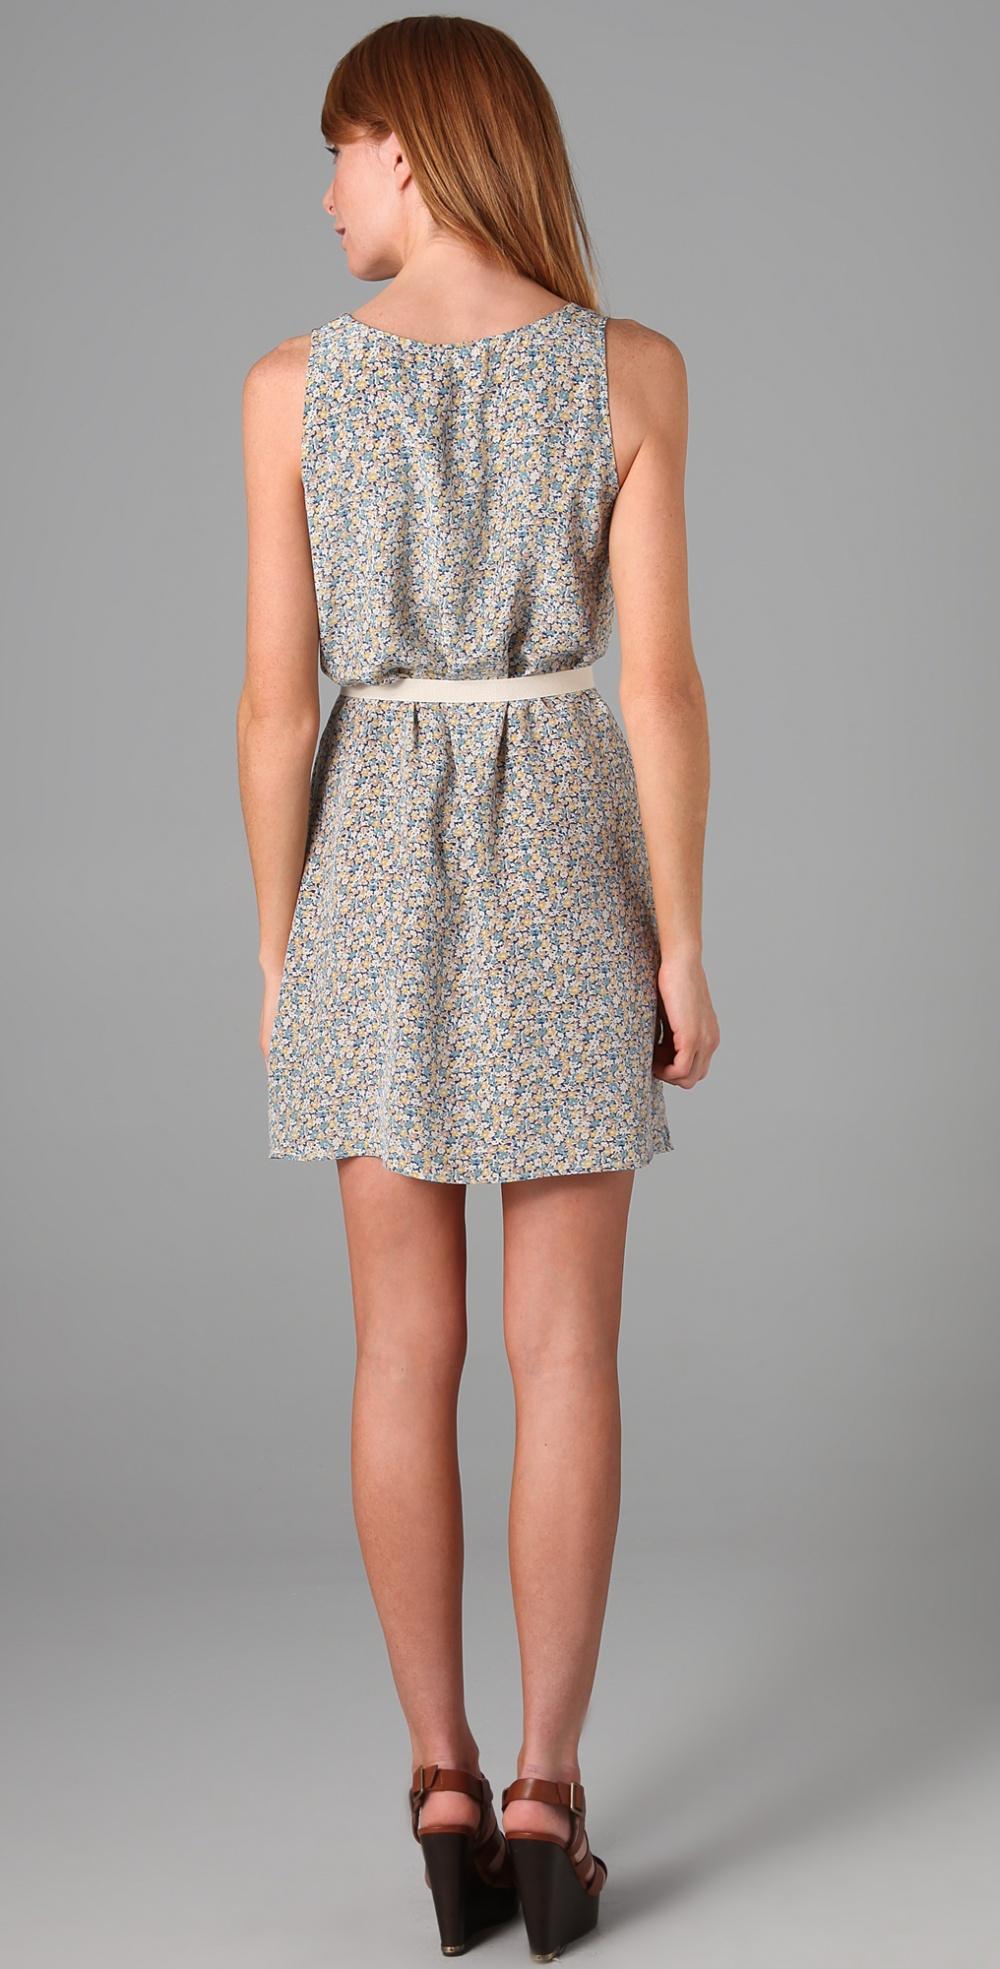 Платье-туника American Vintage, размер XS-S-M